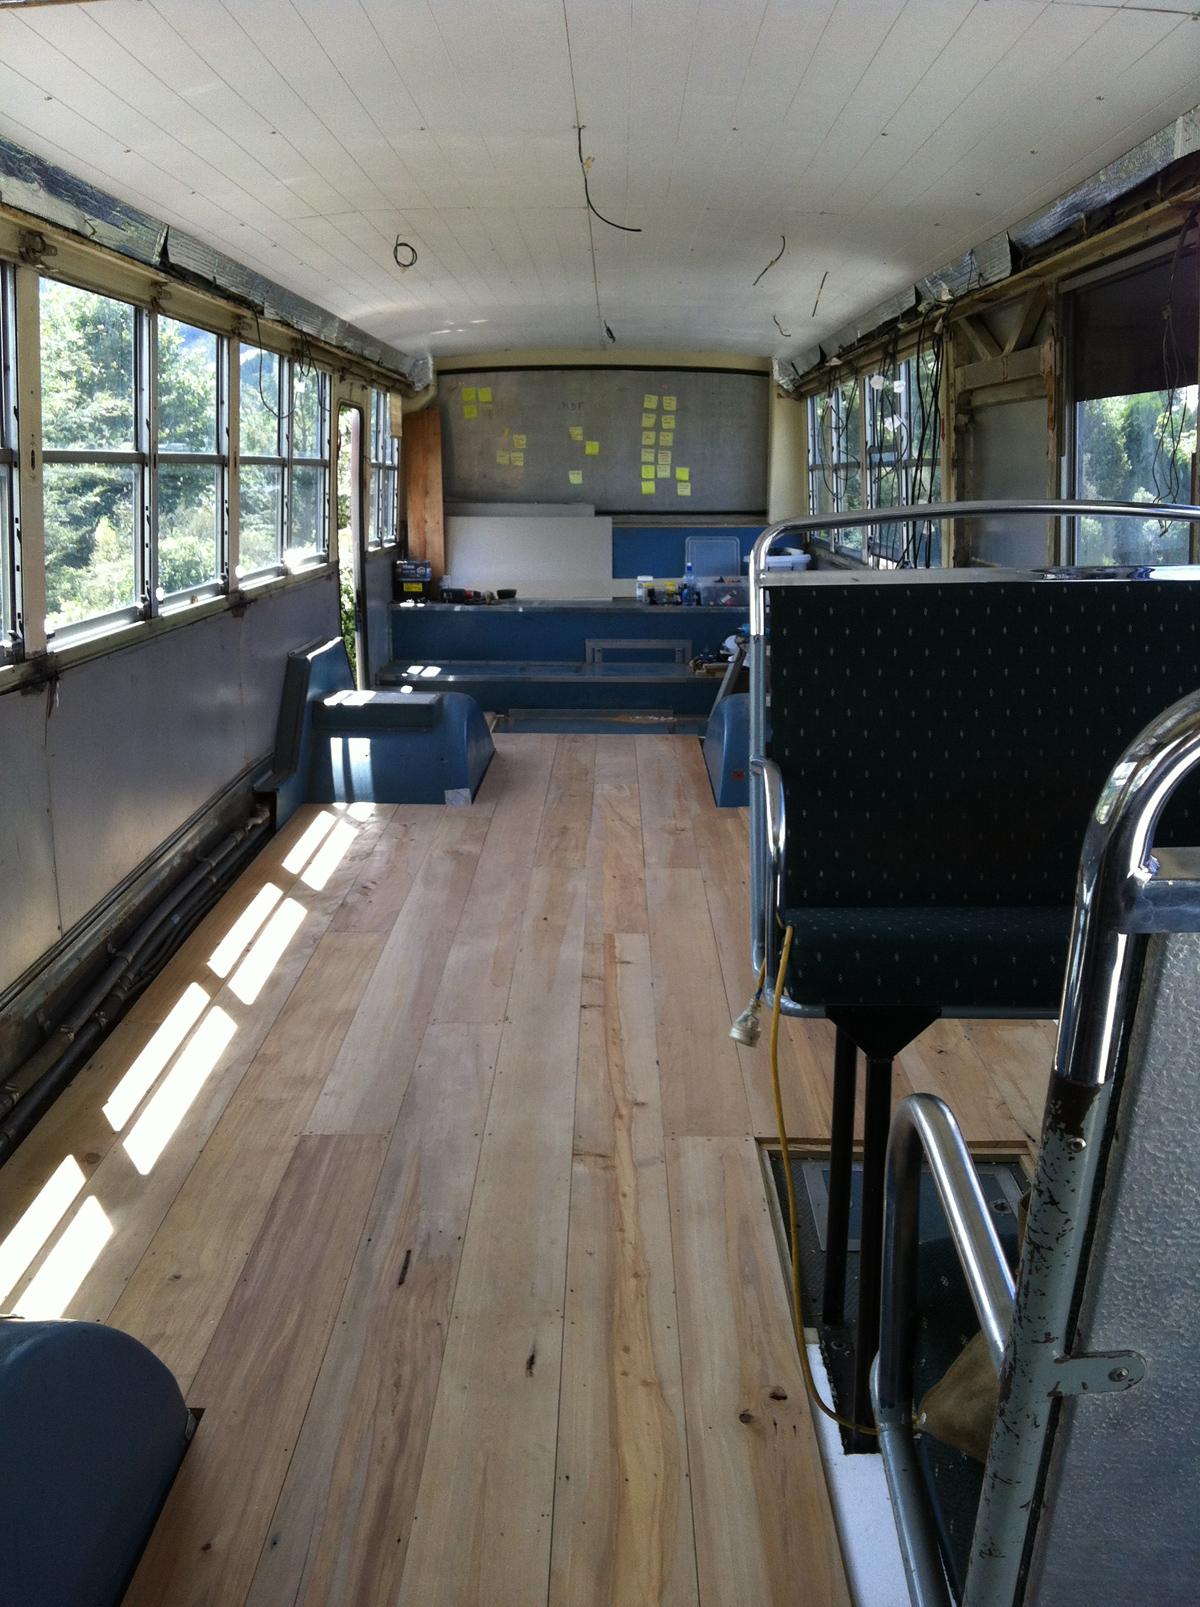 Housebus bedroom before